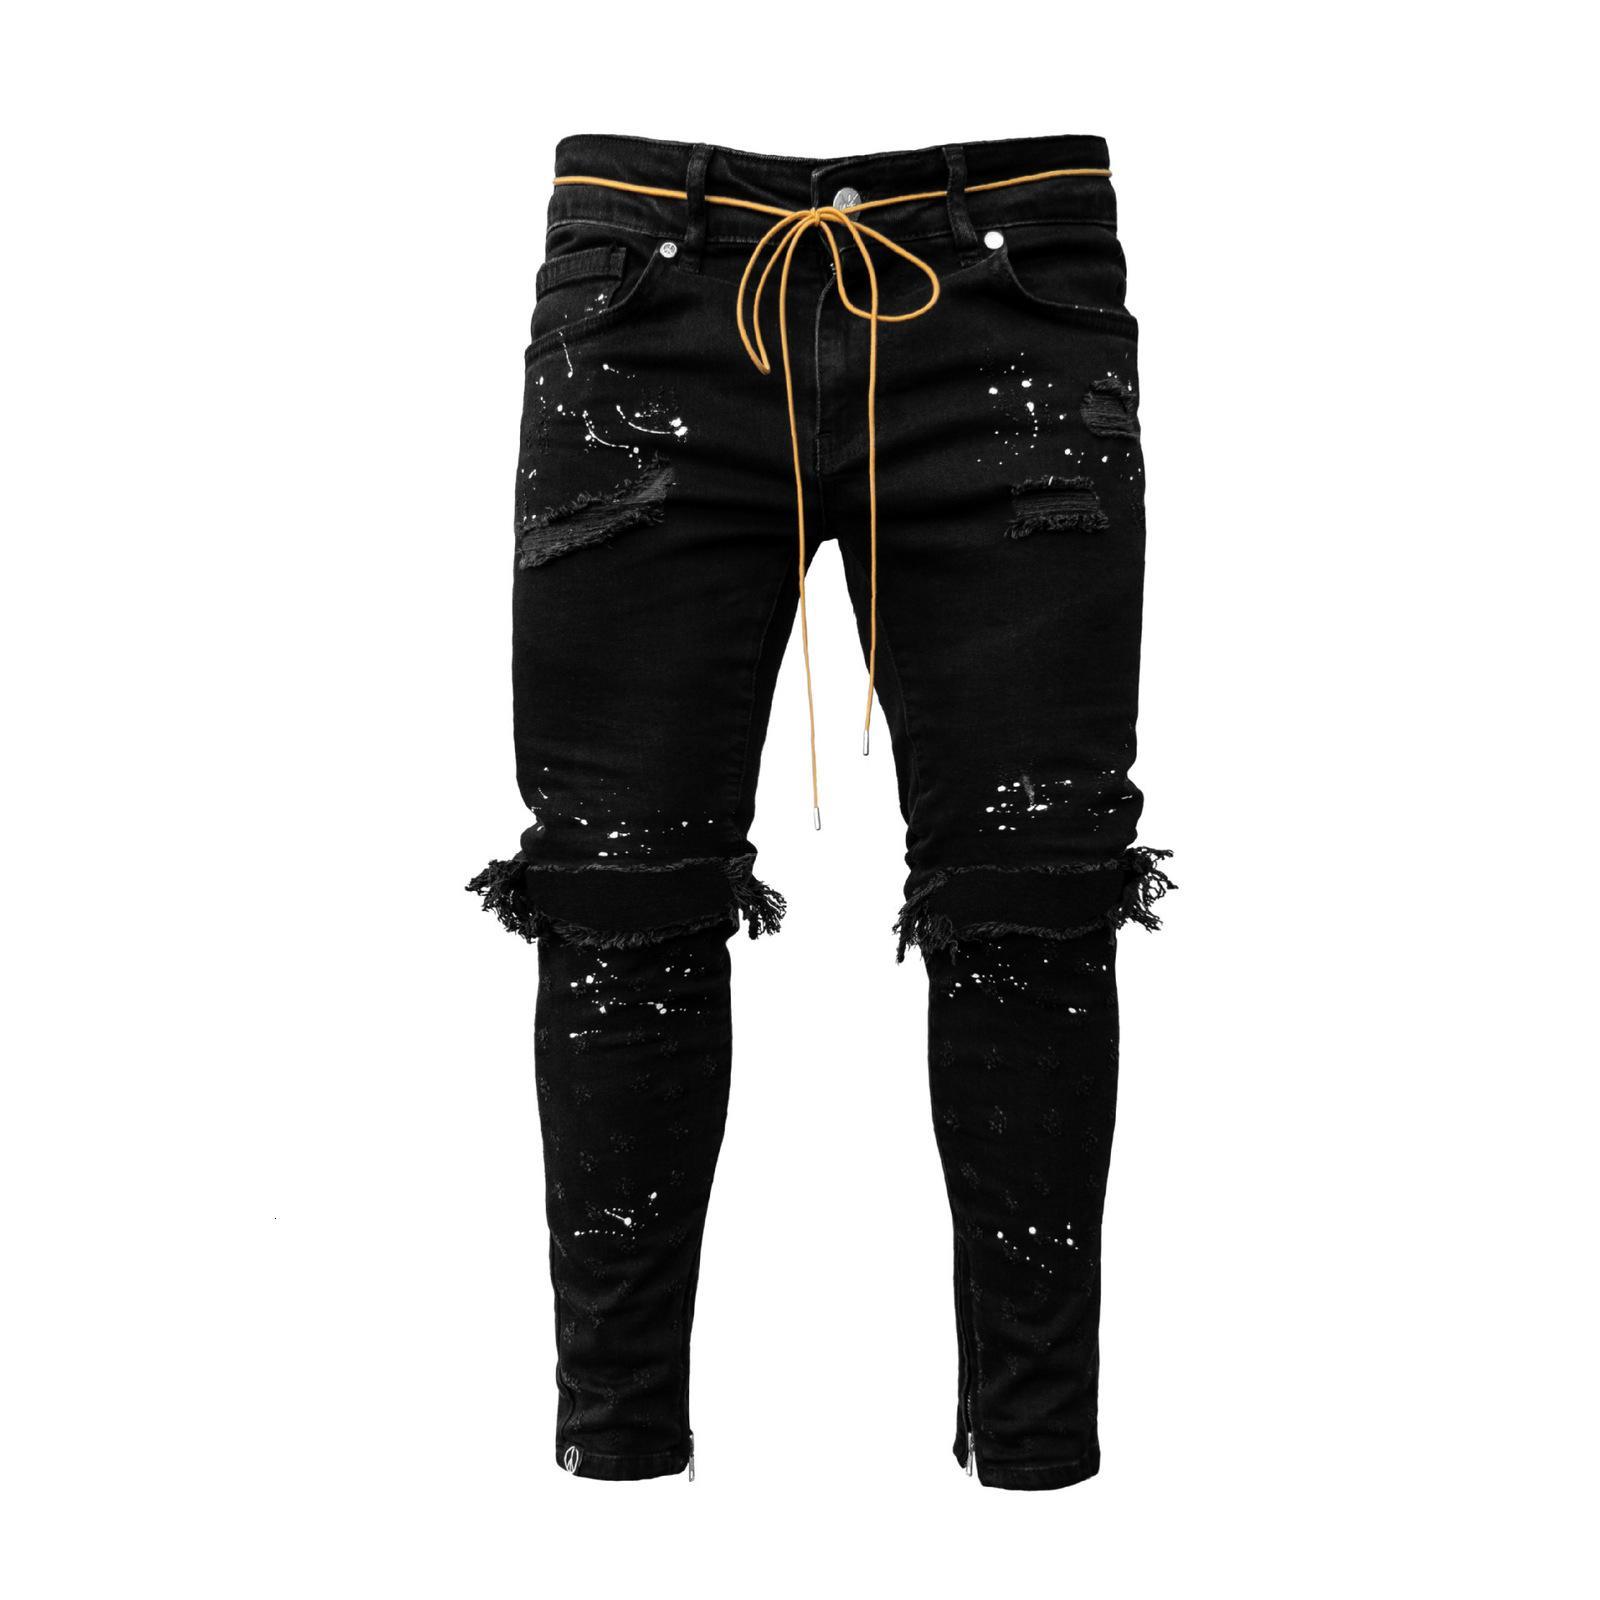 Yırtık Hip Hop için Delik Cargo Pantolon Sıkıntılı Açık Mavi Denim Kot Sıska Erkek Giyim Tam Boy Sonbahar TO D51U